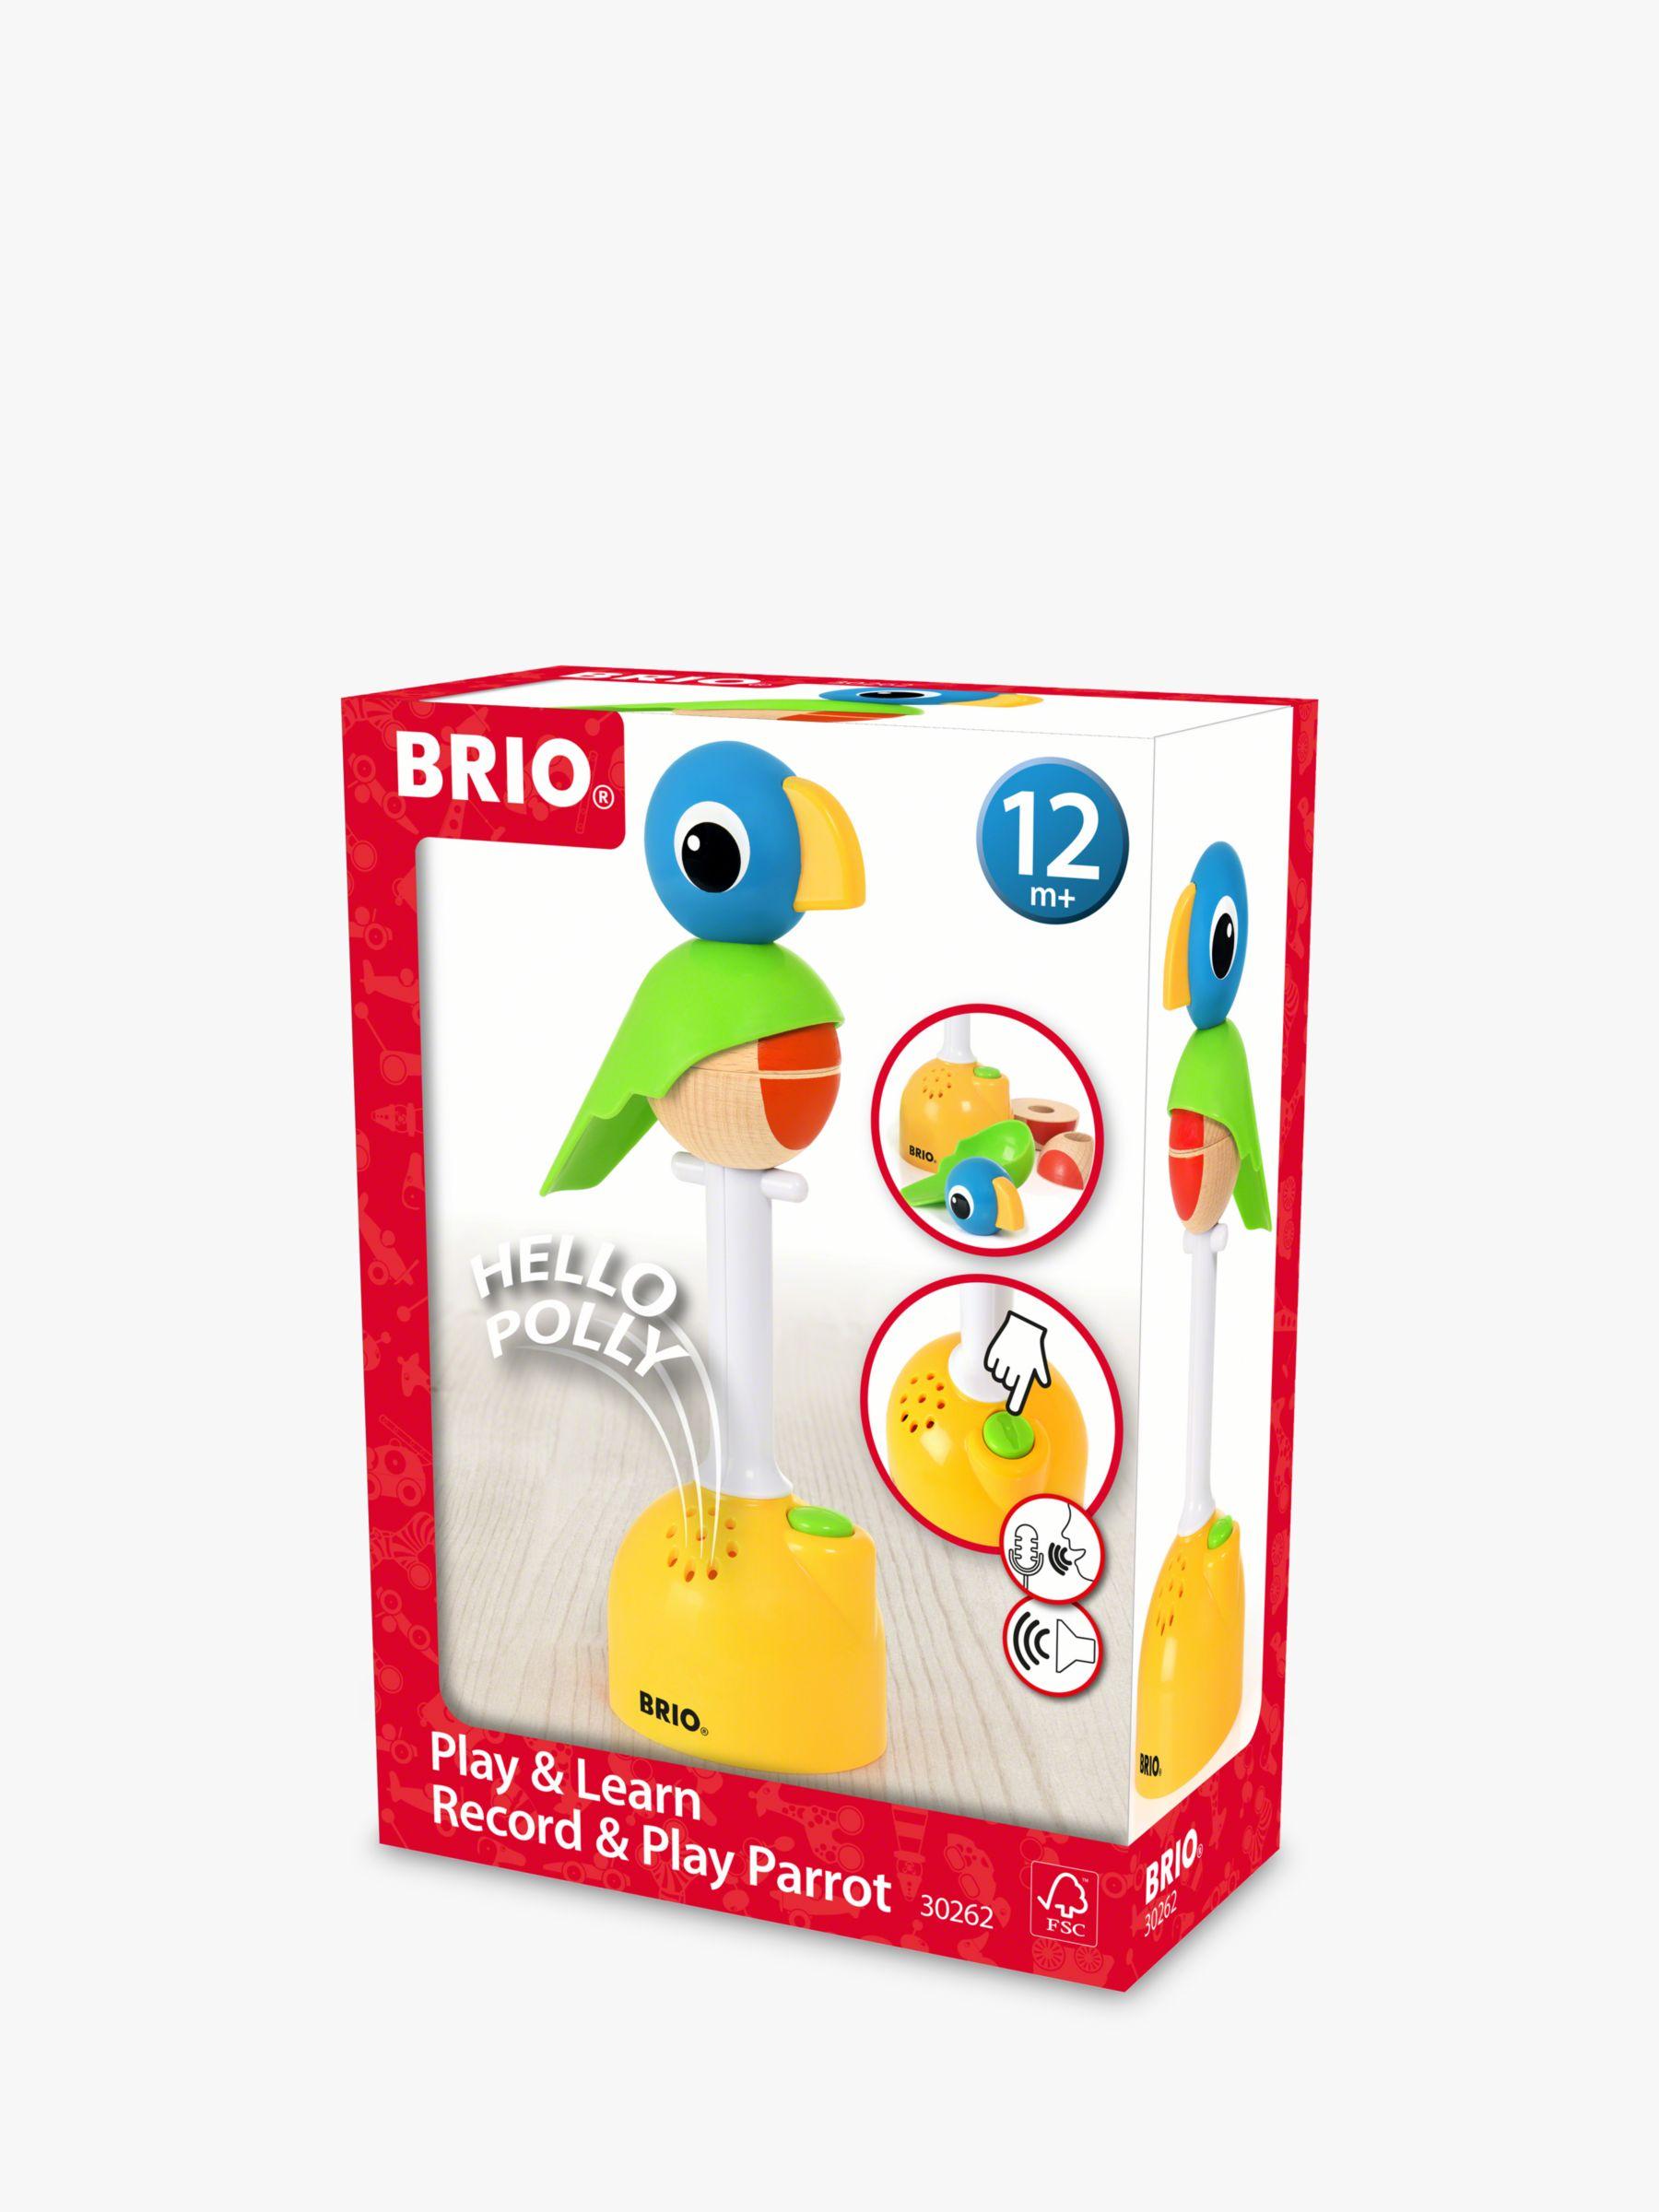 BRIO BRIO Record & Play Parrot